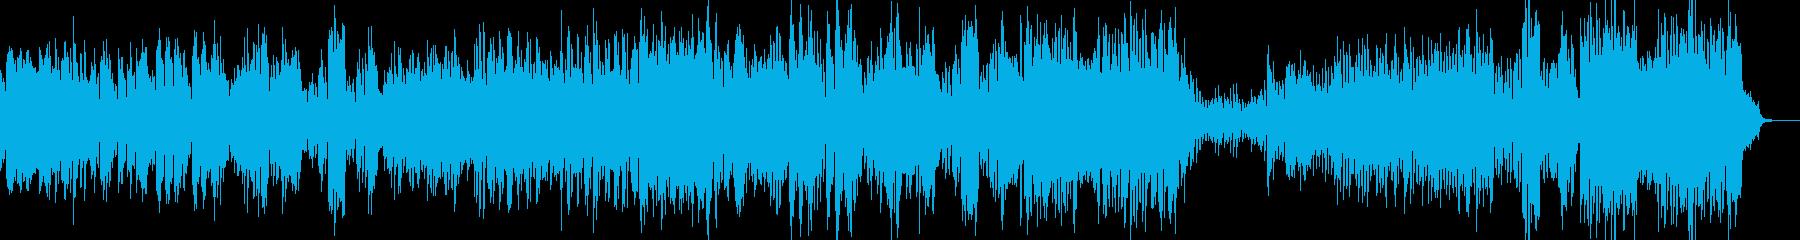 かわいい童話テイストのワルツ dの再生済みの波形